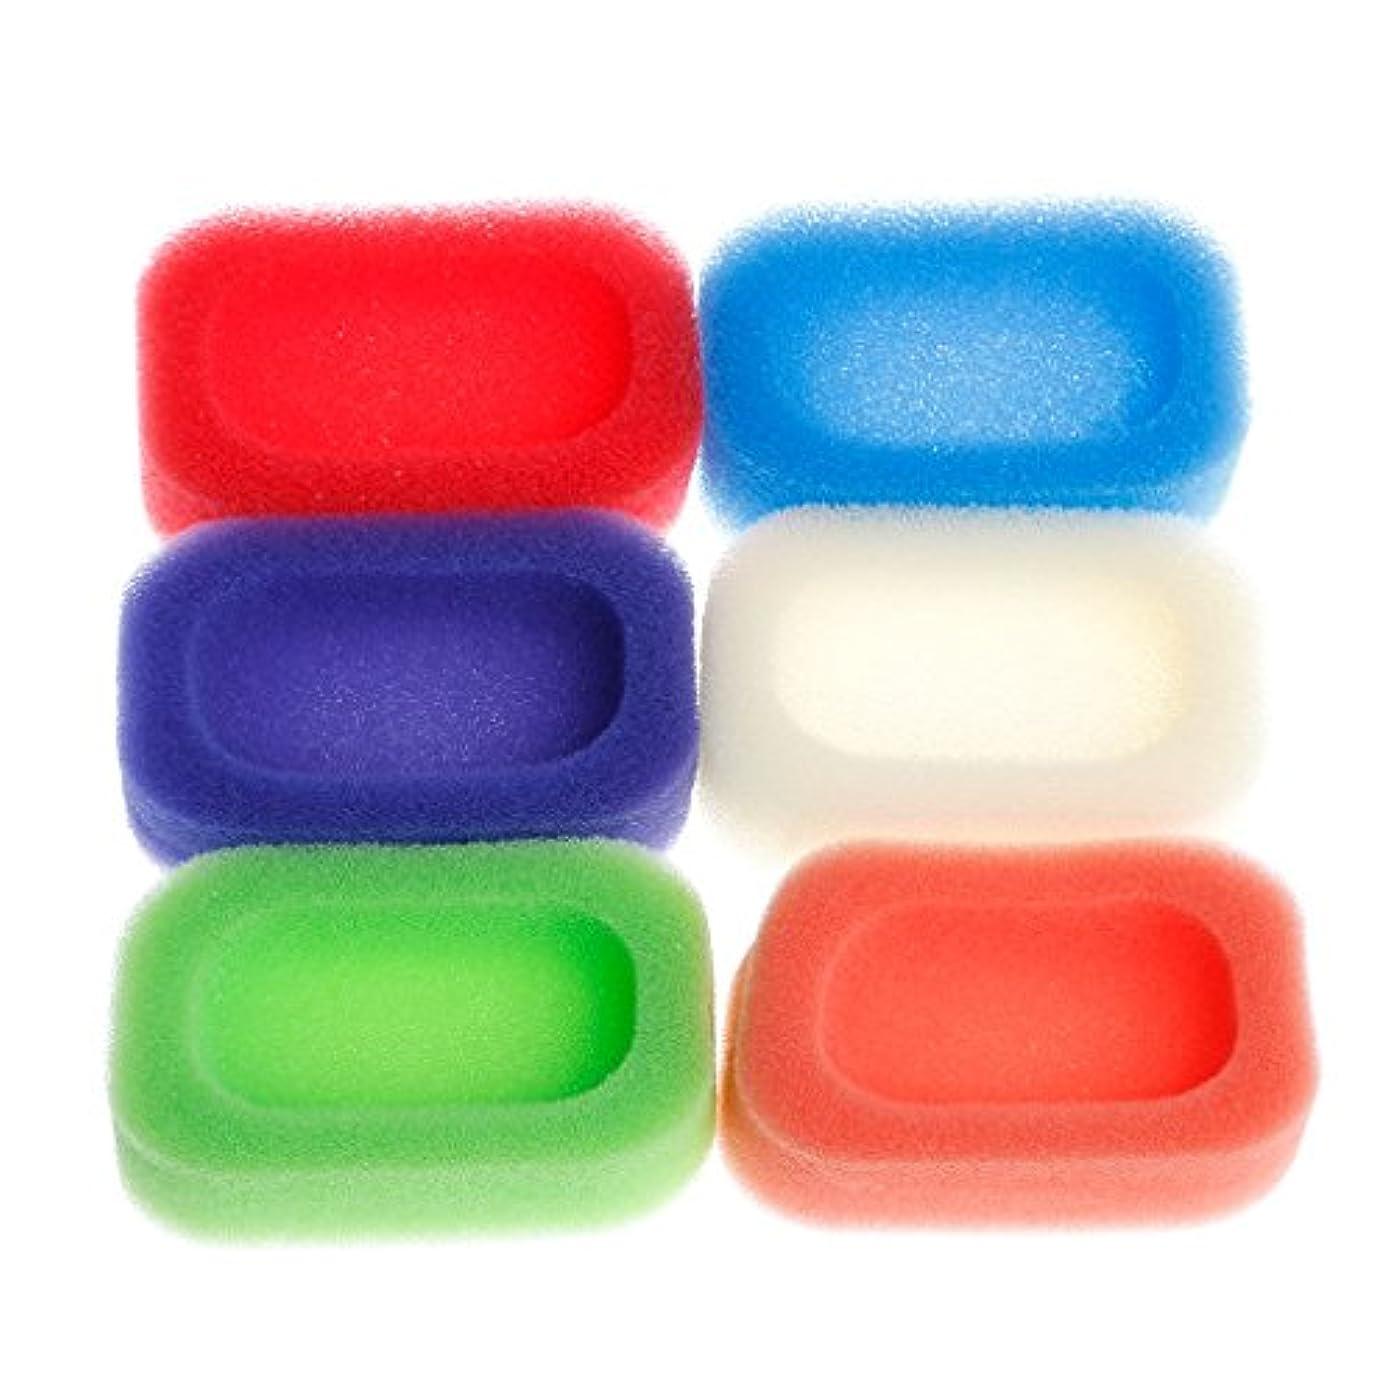 無限大頻繁に均等にLamdoo浴室キッチンメッシュスポンジソープボックスホルダーディッシュトレイコンテナランダムカラー